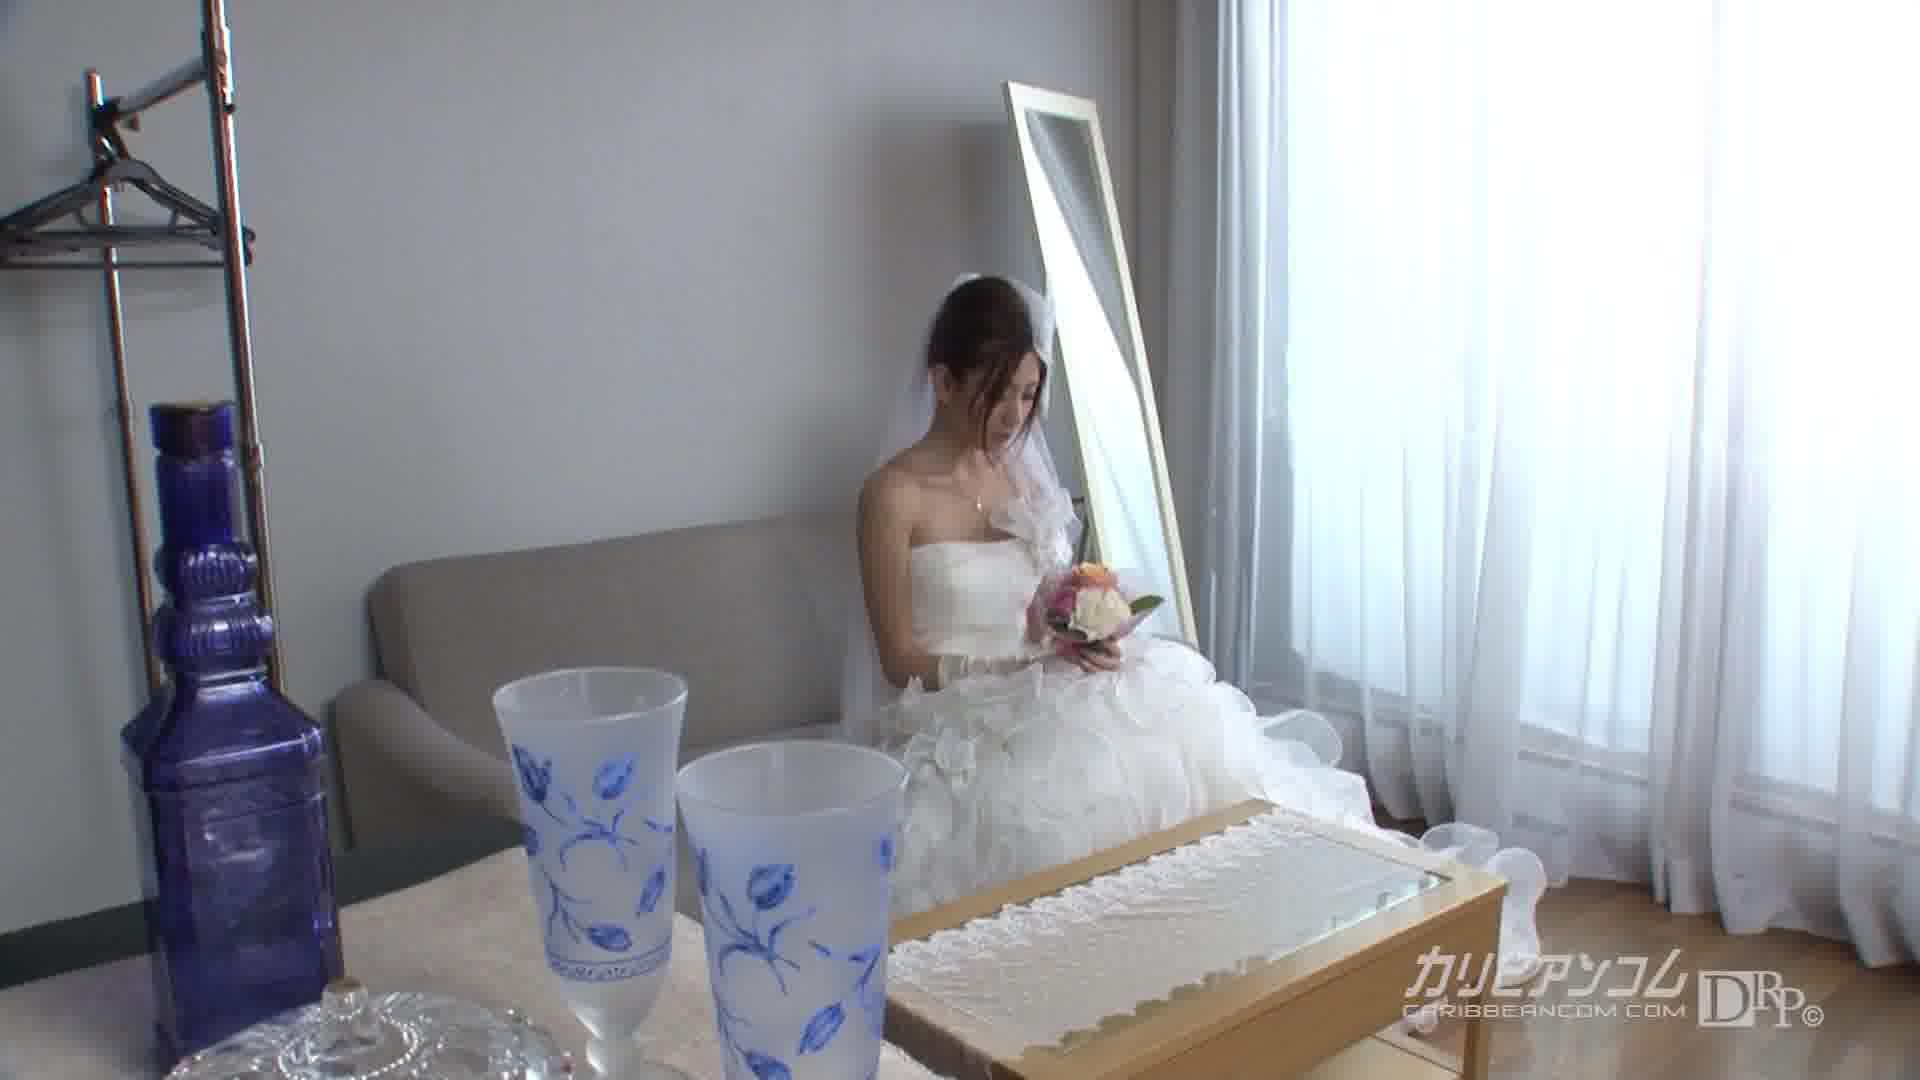 逃げ出した花嫁 ~あなたの声があなたの顔が忘れられなくて~ - 前田かおり【オナニー・美脚・中出し】